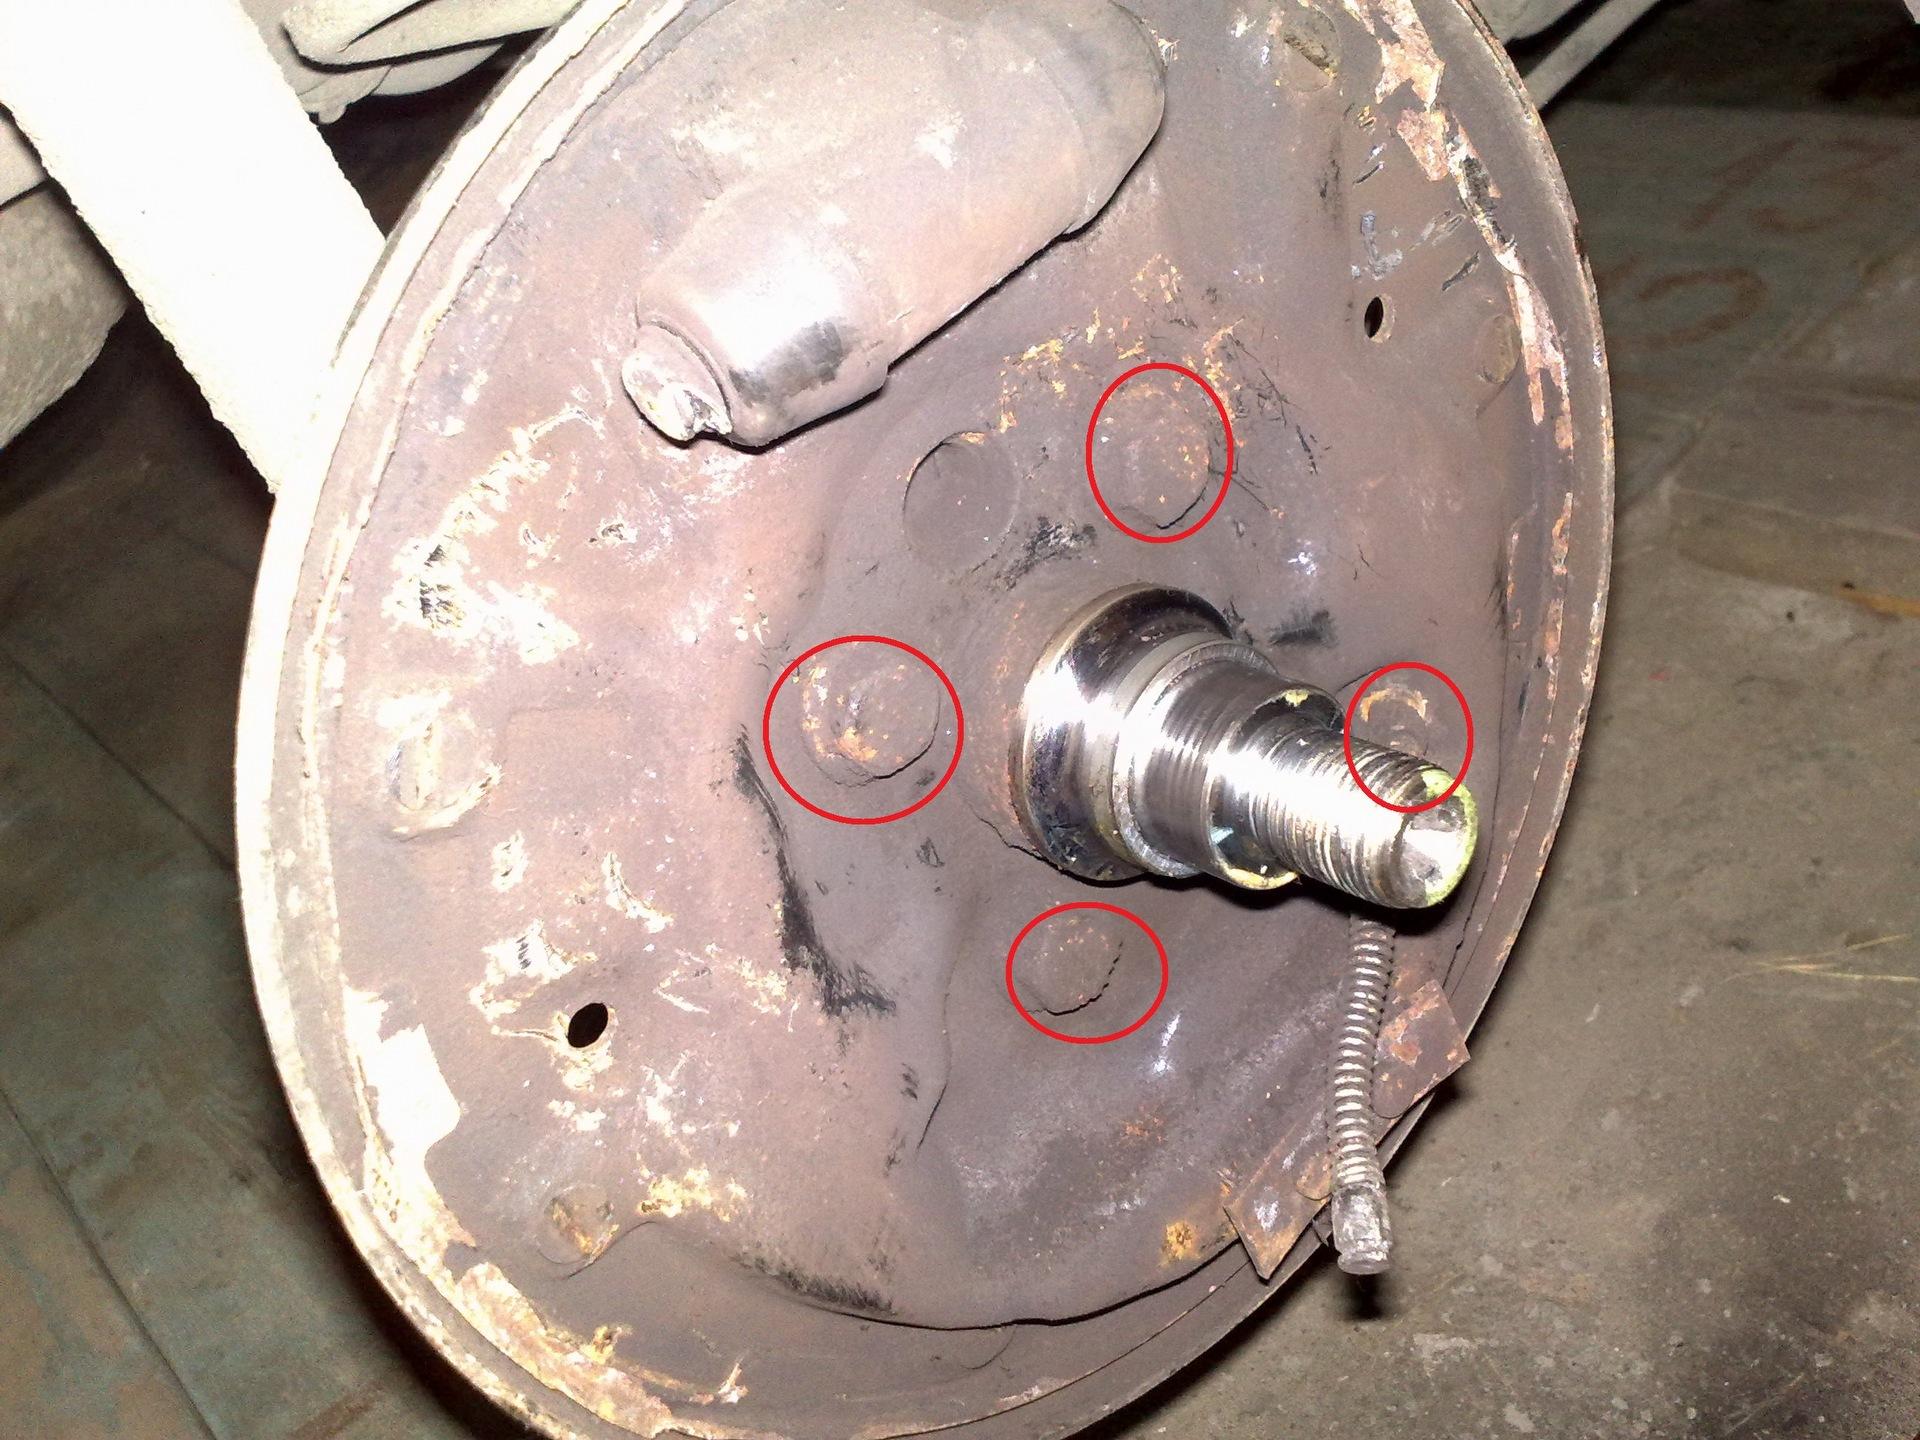 Регулировка ручного тормоза шкода октавия 11 фотография